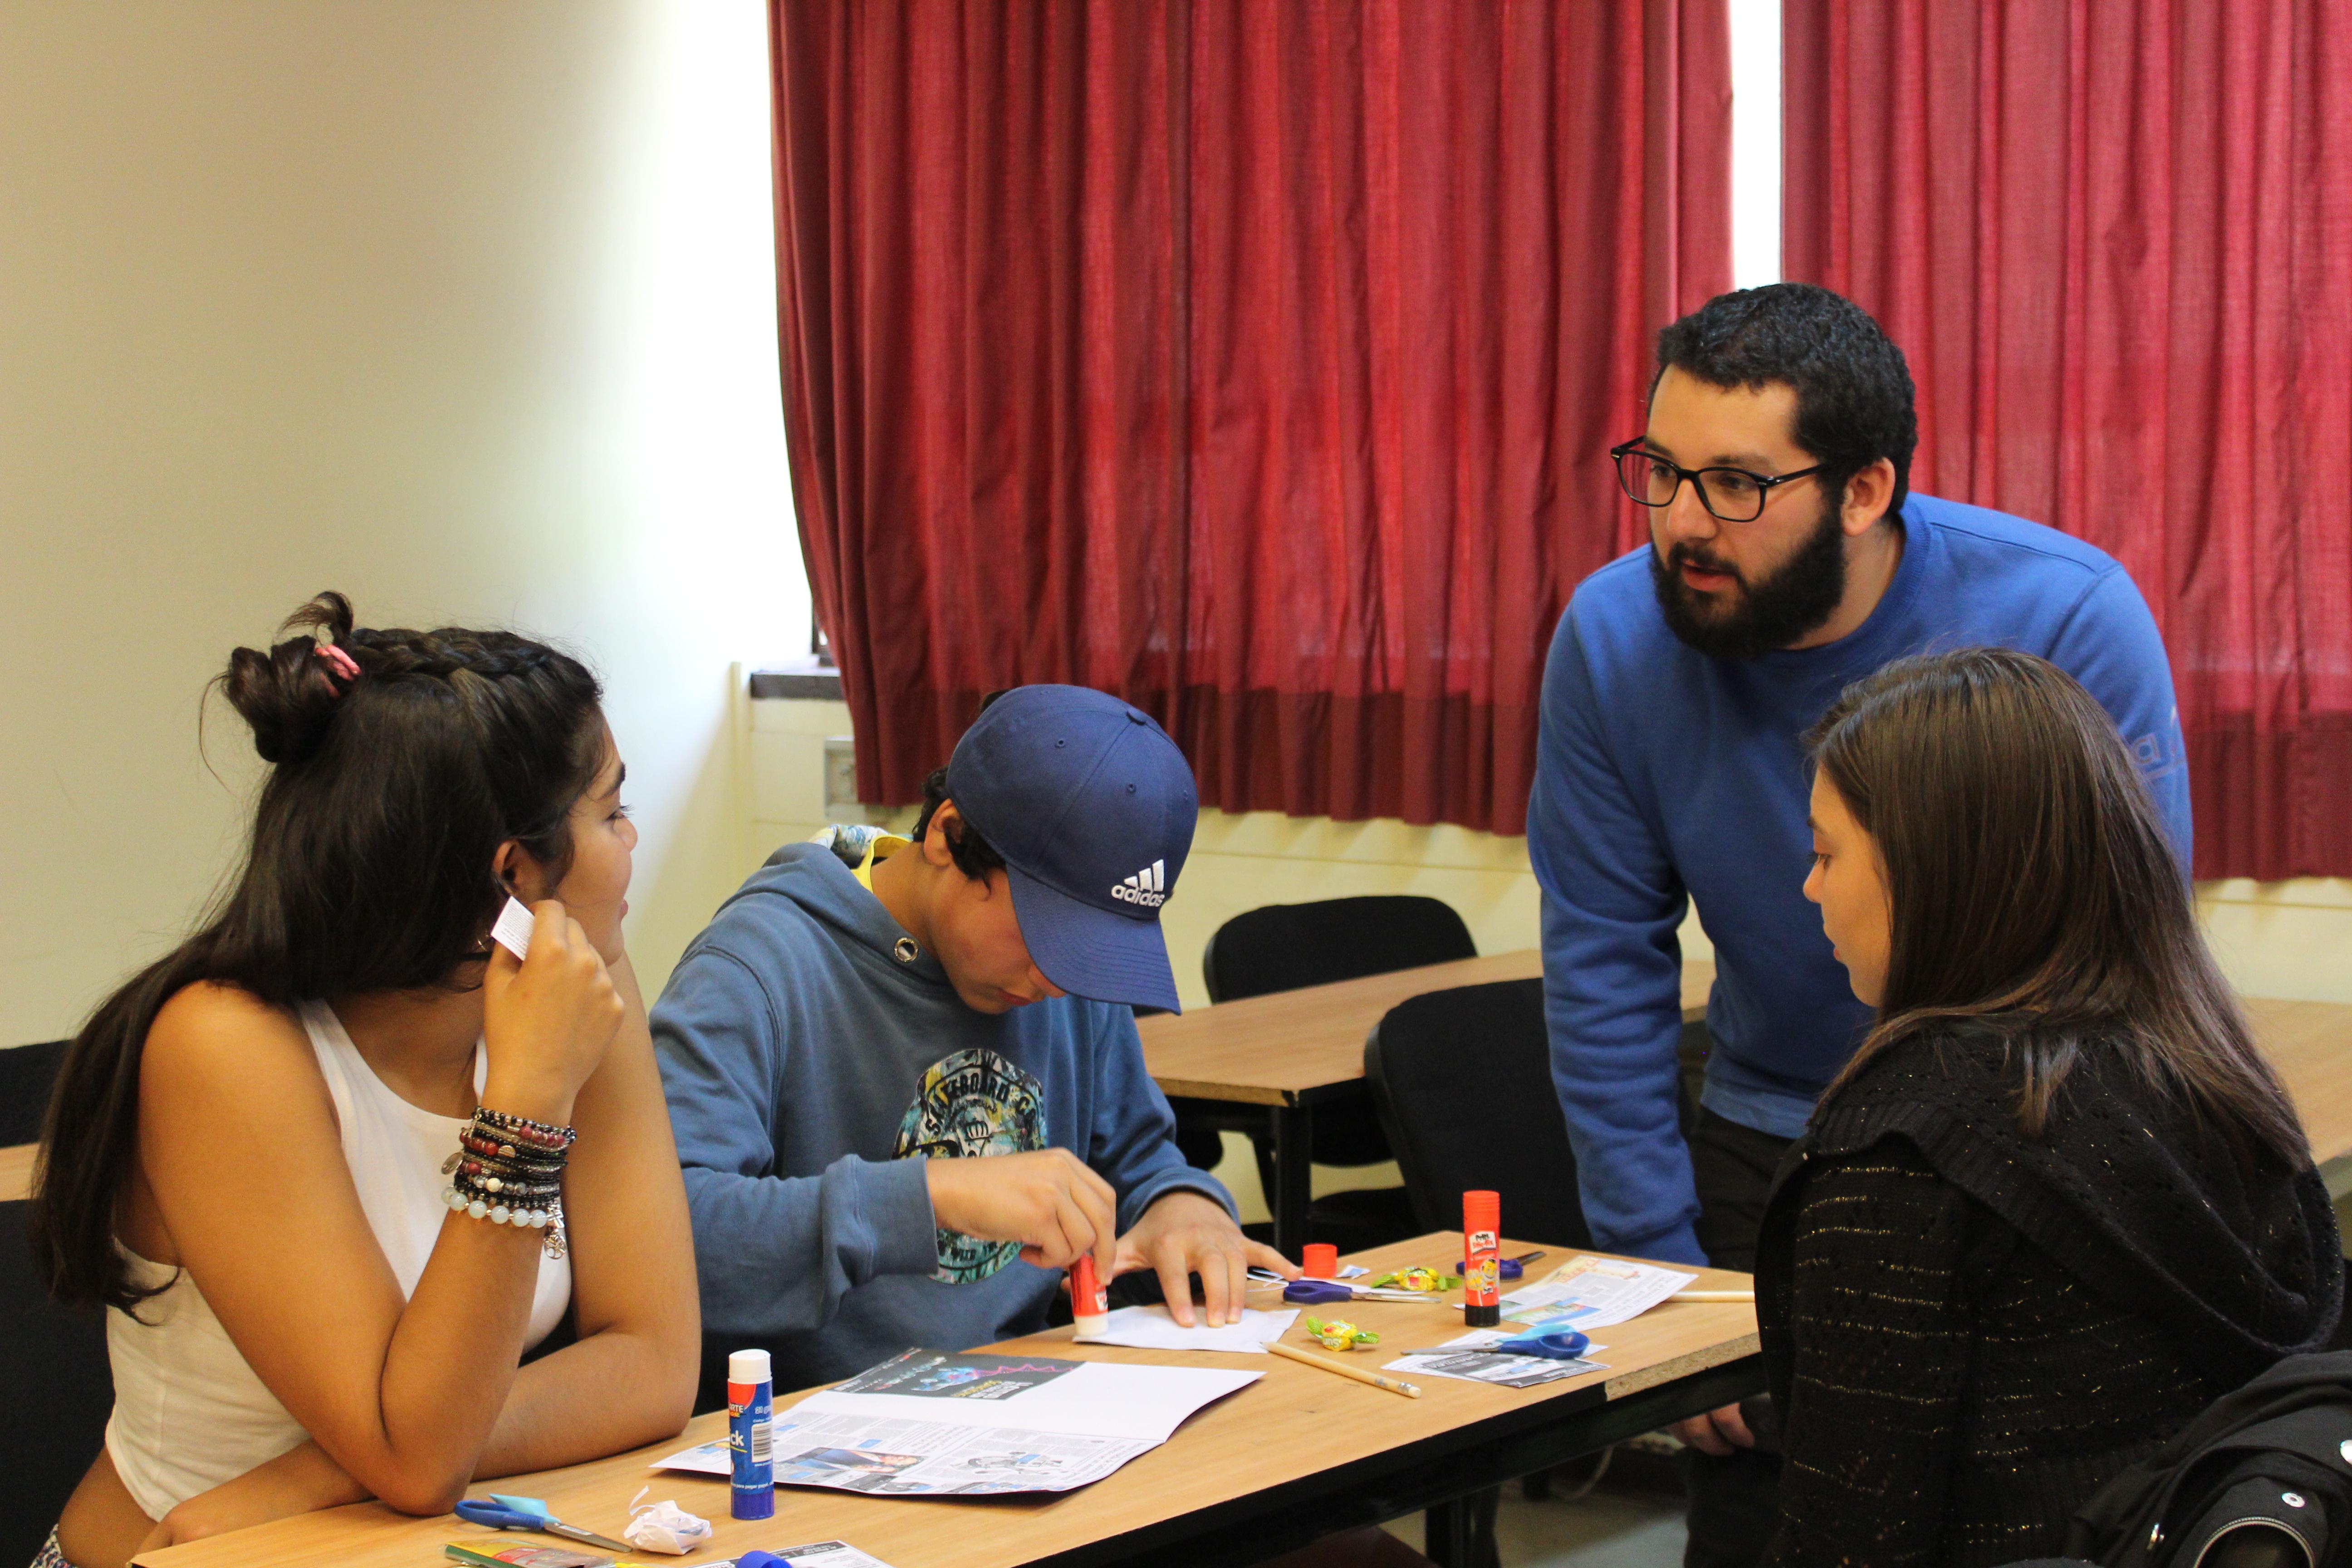 Comunidad InGenio dictará taller sobre optimización en Escuela de Verano UdeC 2020